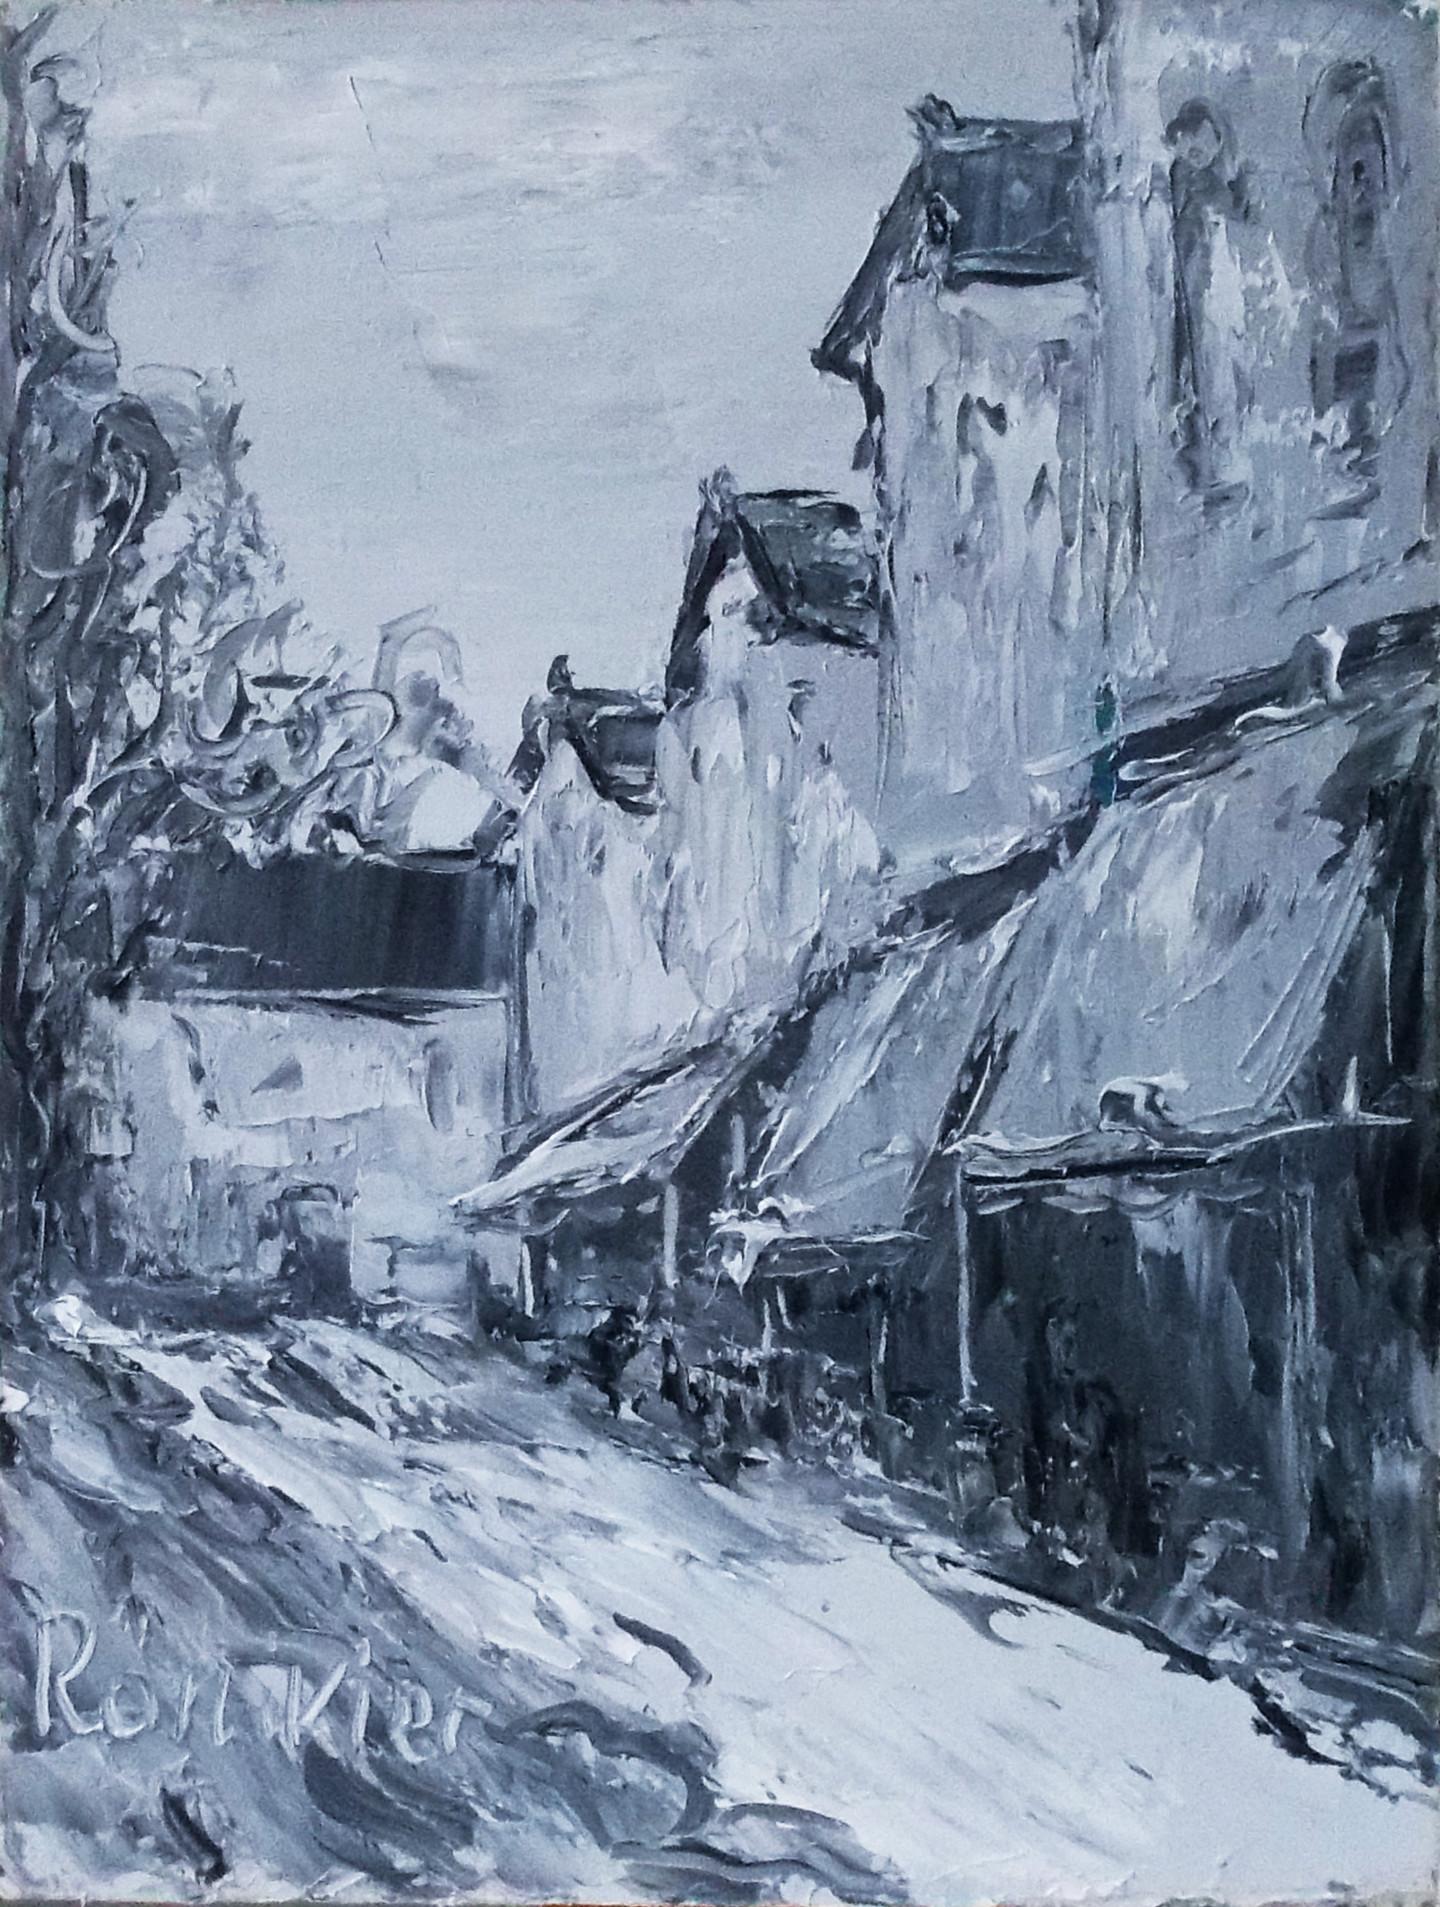 Alla Preobrazhenska-Ronikier - Paris